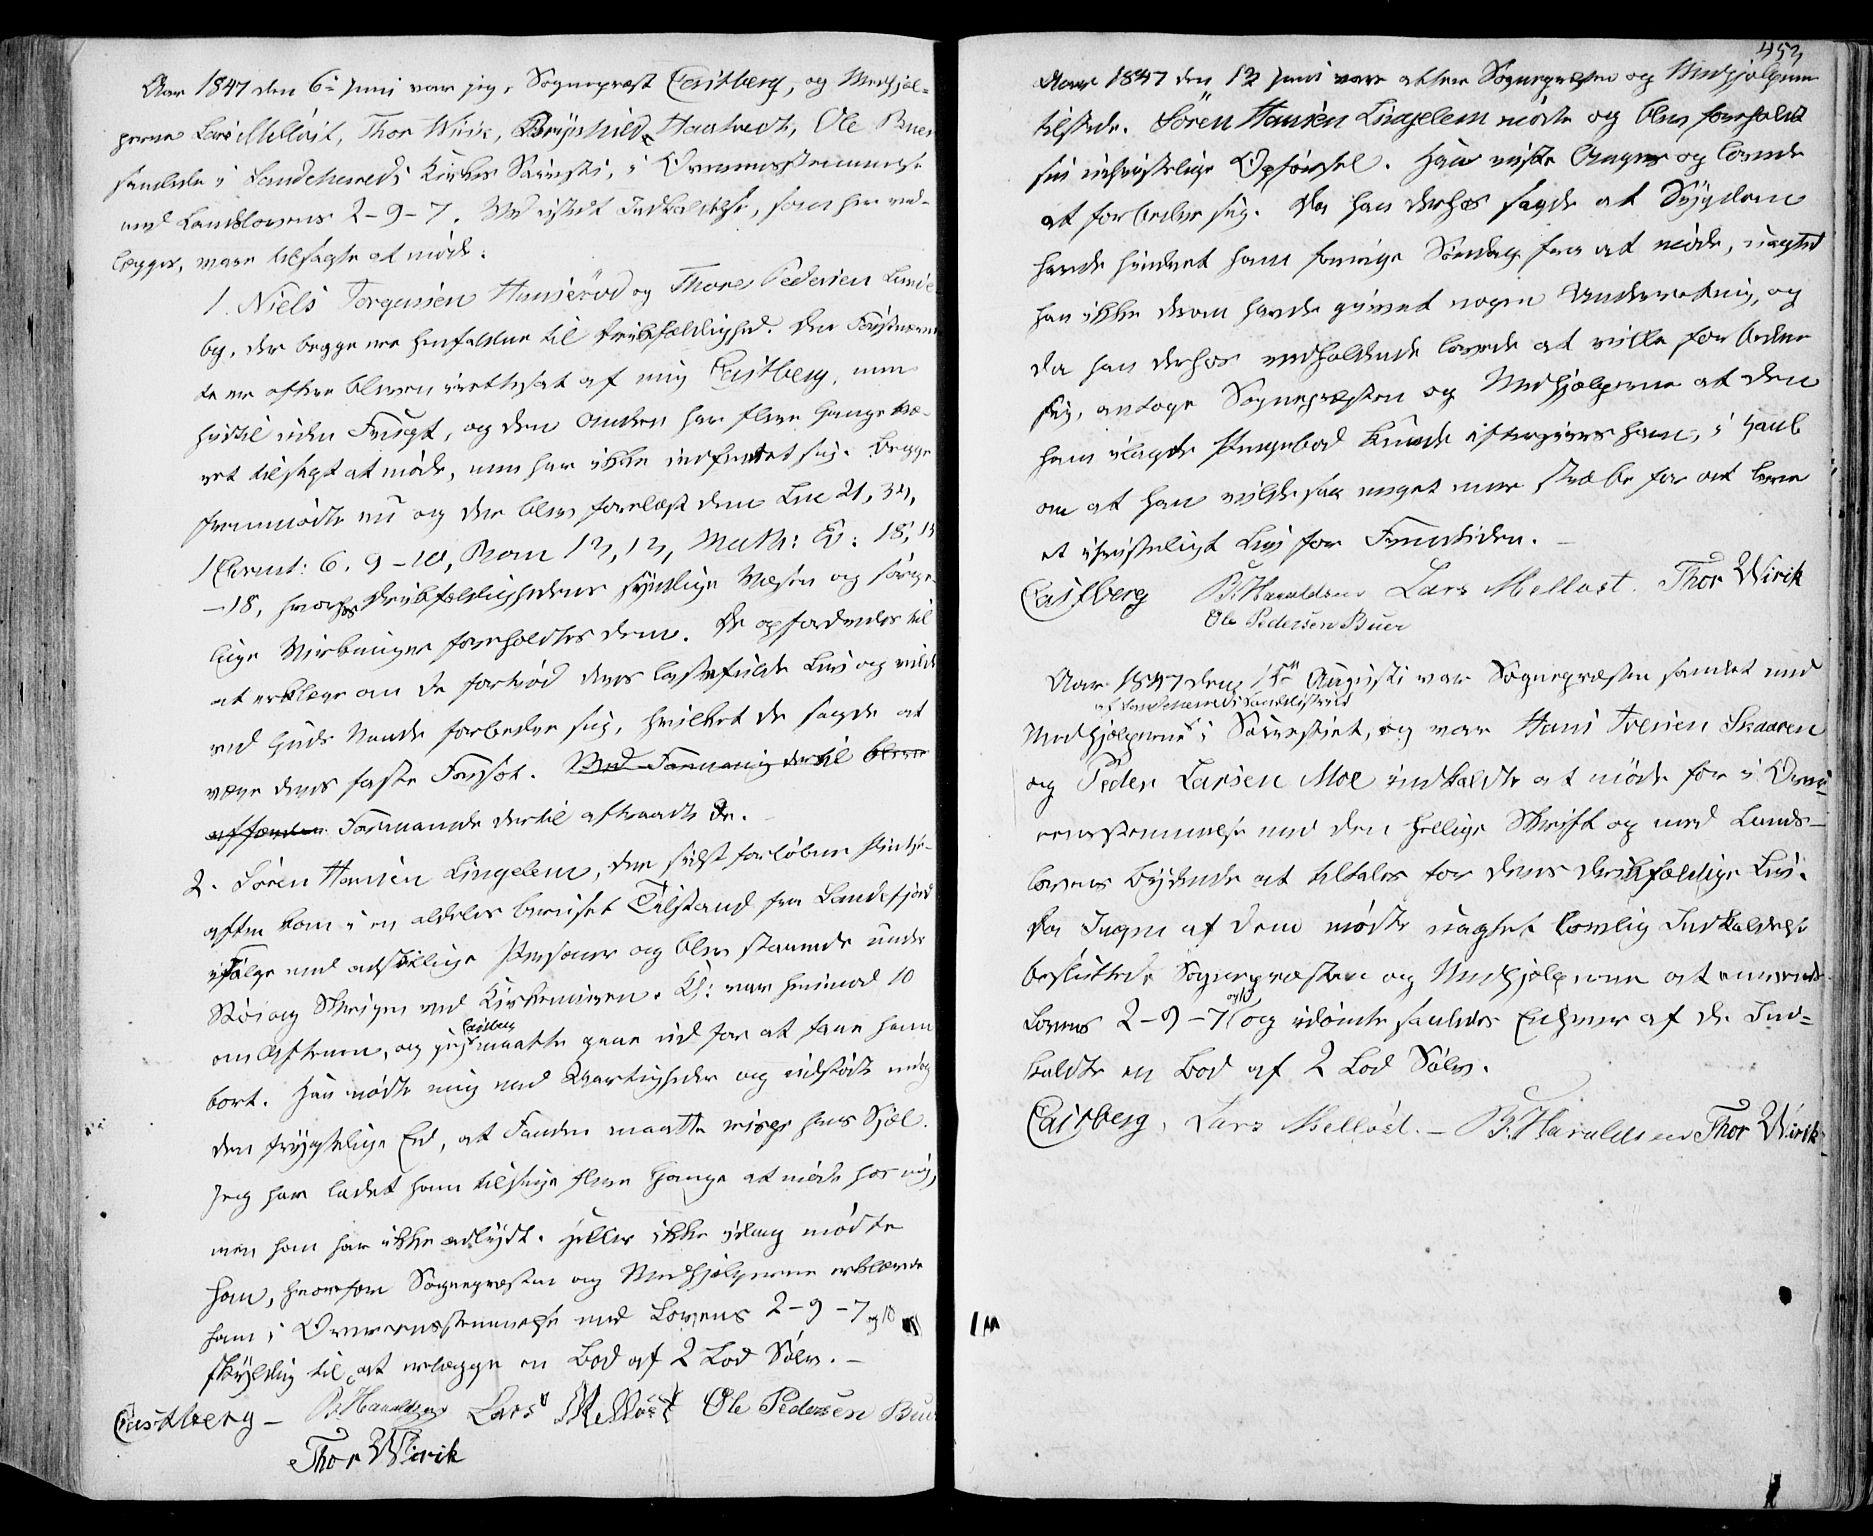 SAKO, Sandar kirkebøker, F/Fa/L0006: Ministerialbok nr. 6, 1847-1860, s. 453